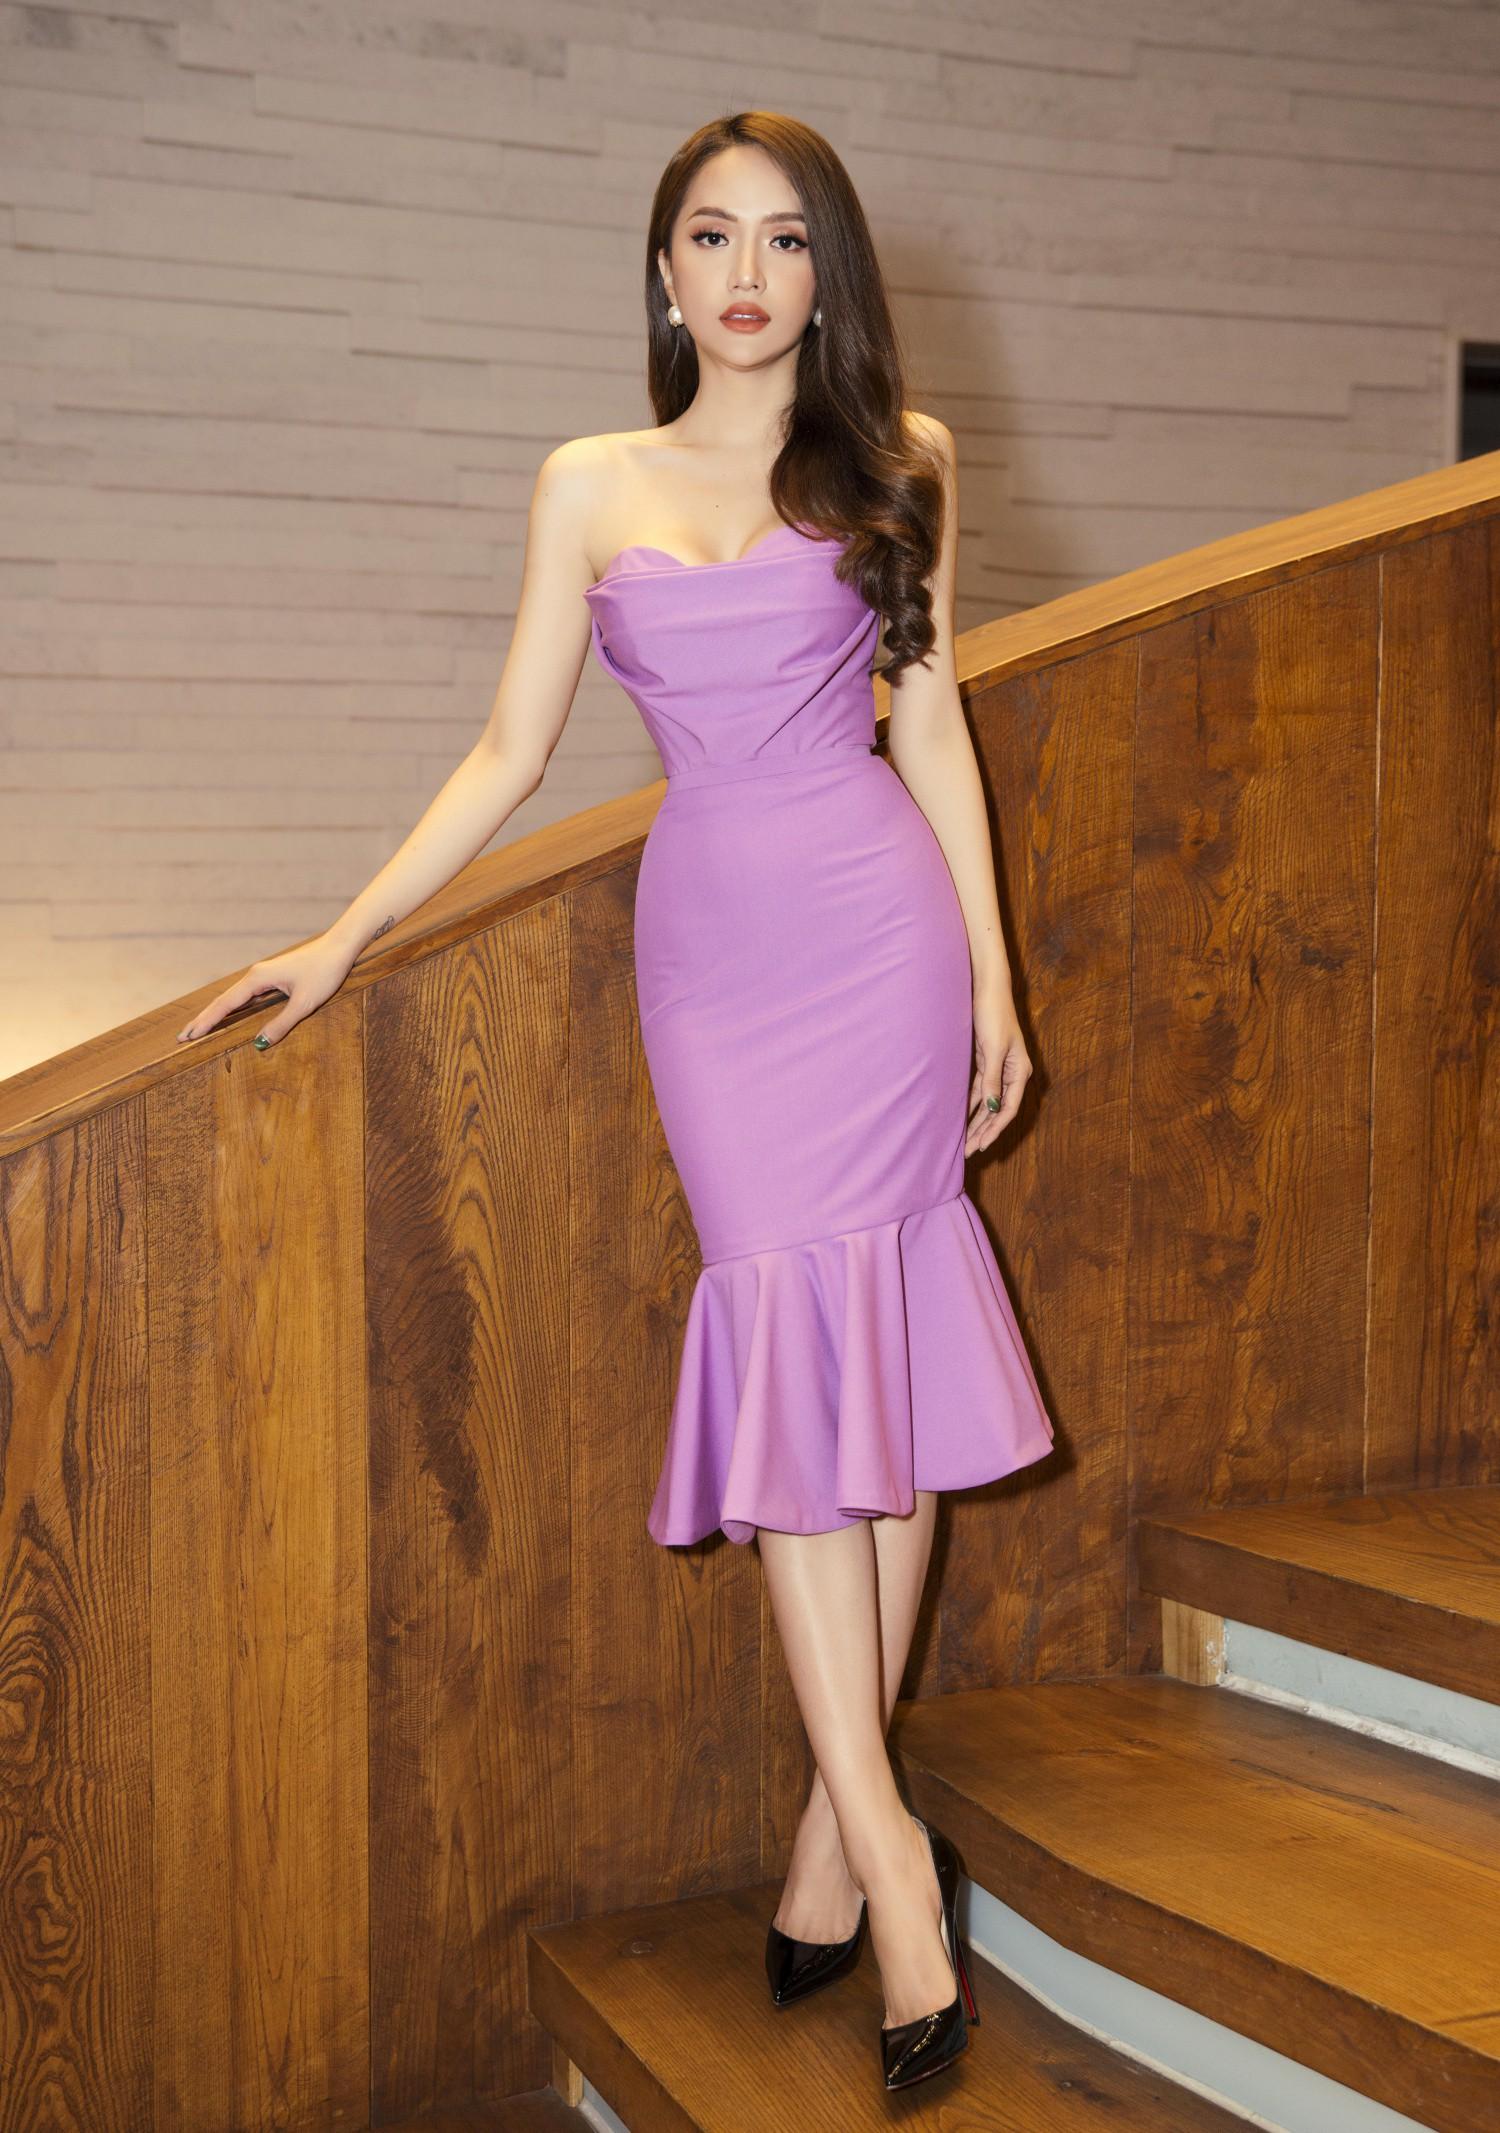 Hương Giang diện váy ôm sát gợi cảm, nhận giải Top 50 Phụ nữ ảnh hưởng nhất Việt Nam - Ảnh 2.